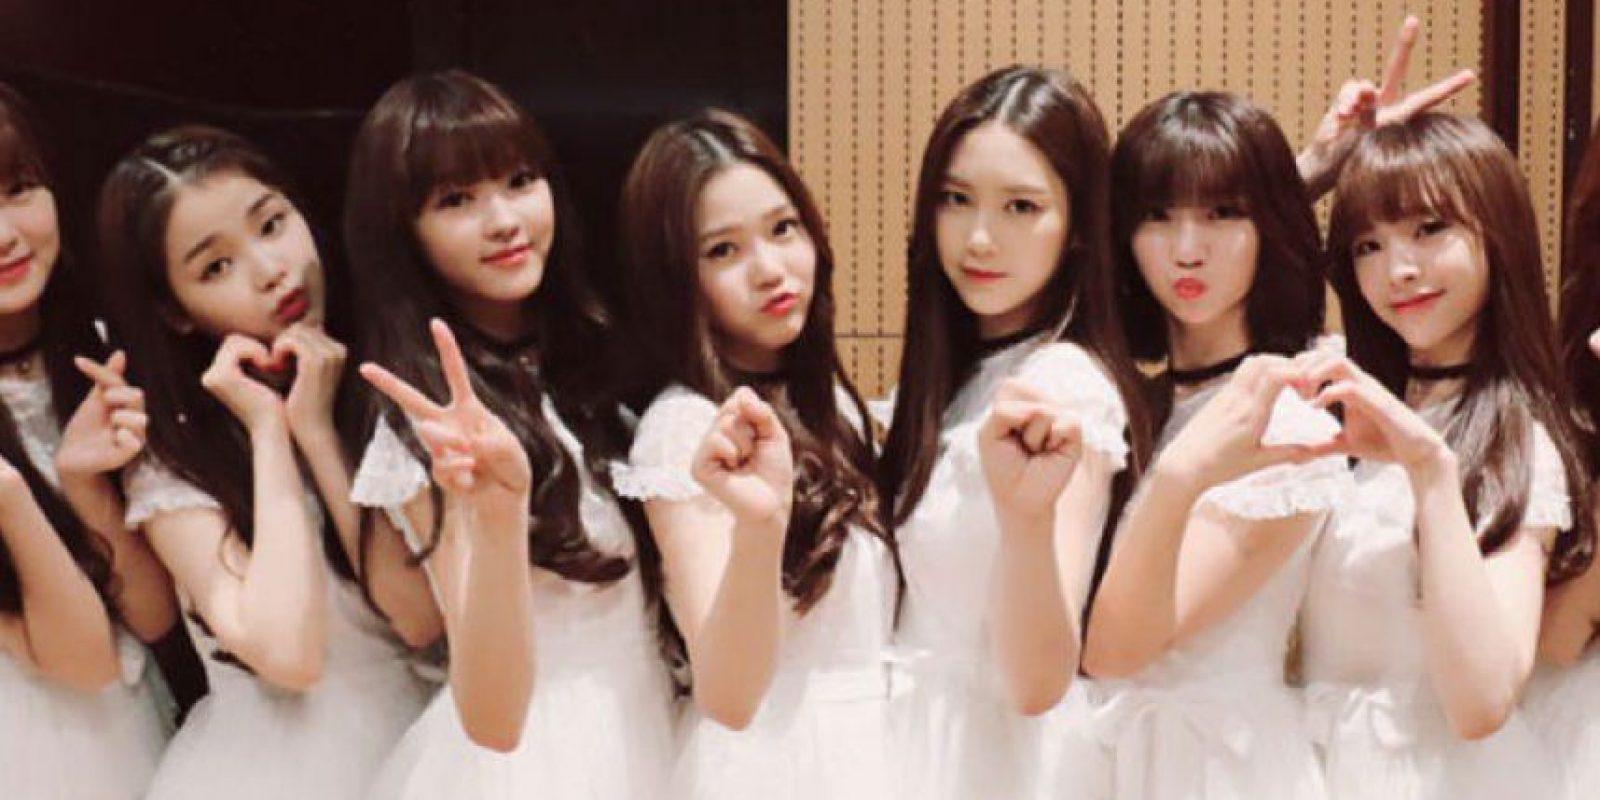 """Se llaman """"Oh My Girl"""". Vienen de Corea del Sur. Foto:vía Twitter/Oh My Girl"""